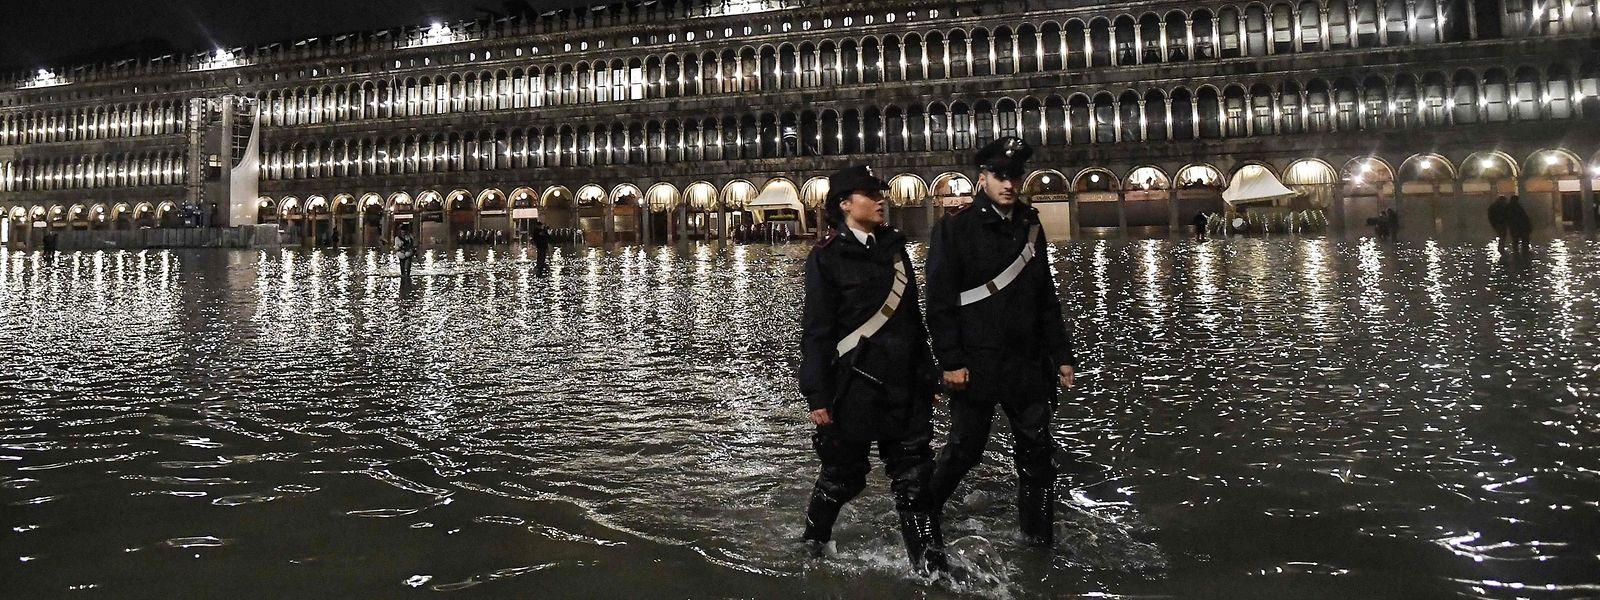 Toute la nuit, des rondes ont été organisées pour surveiller la montée des eaux.